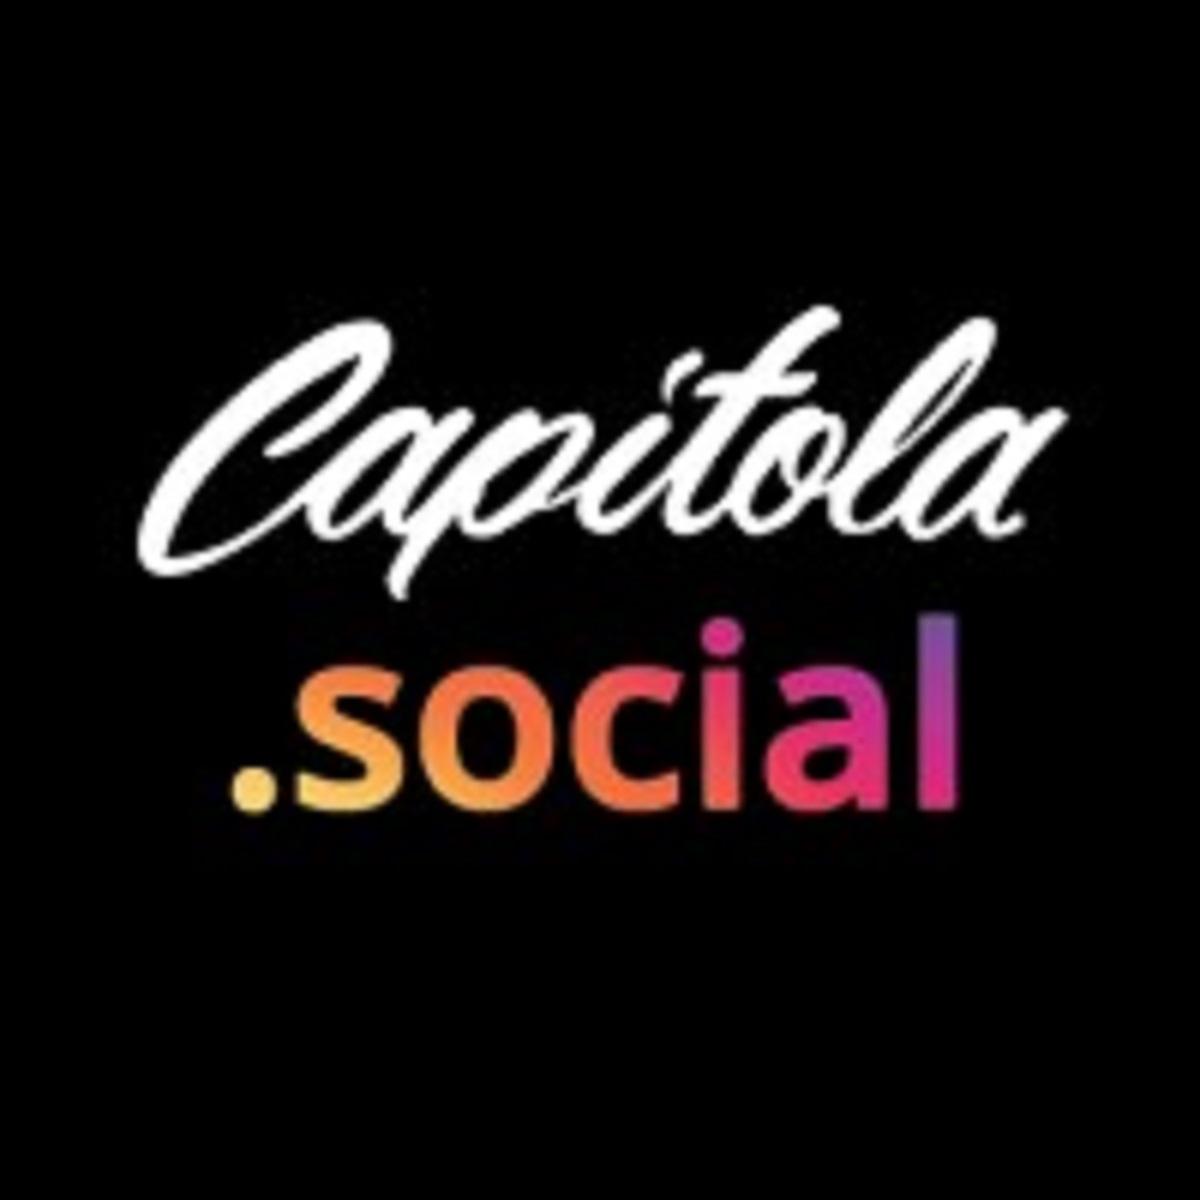 Capitola Social Logo